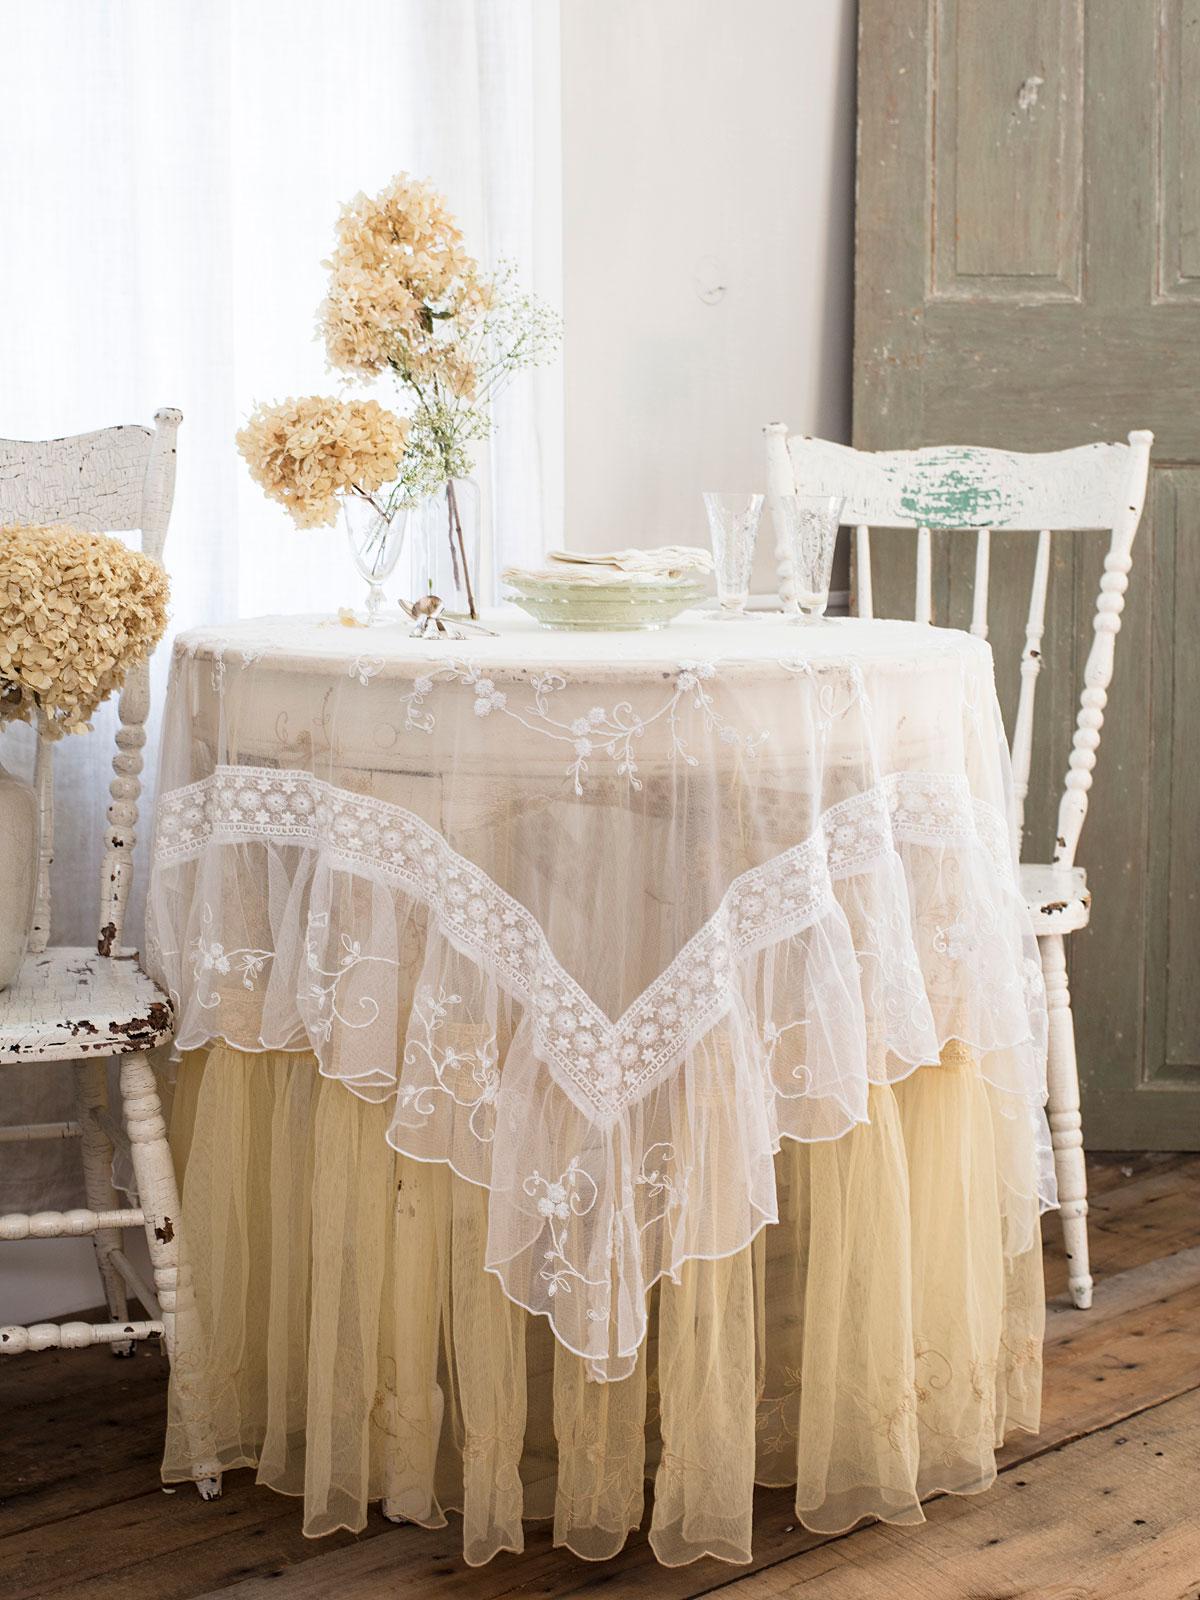 Beloved White/Antique Table Bundle